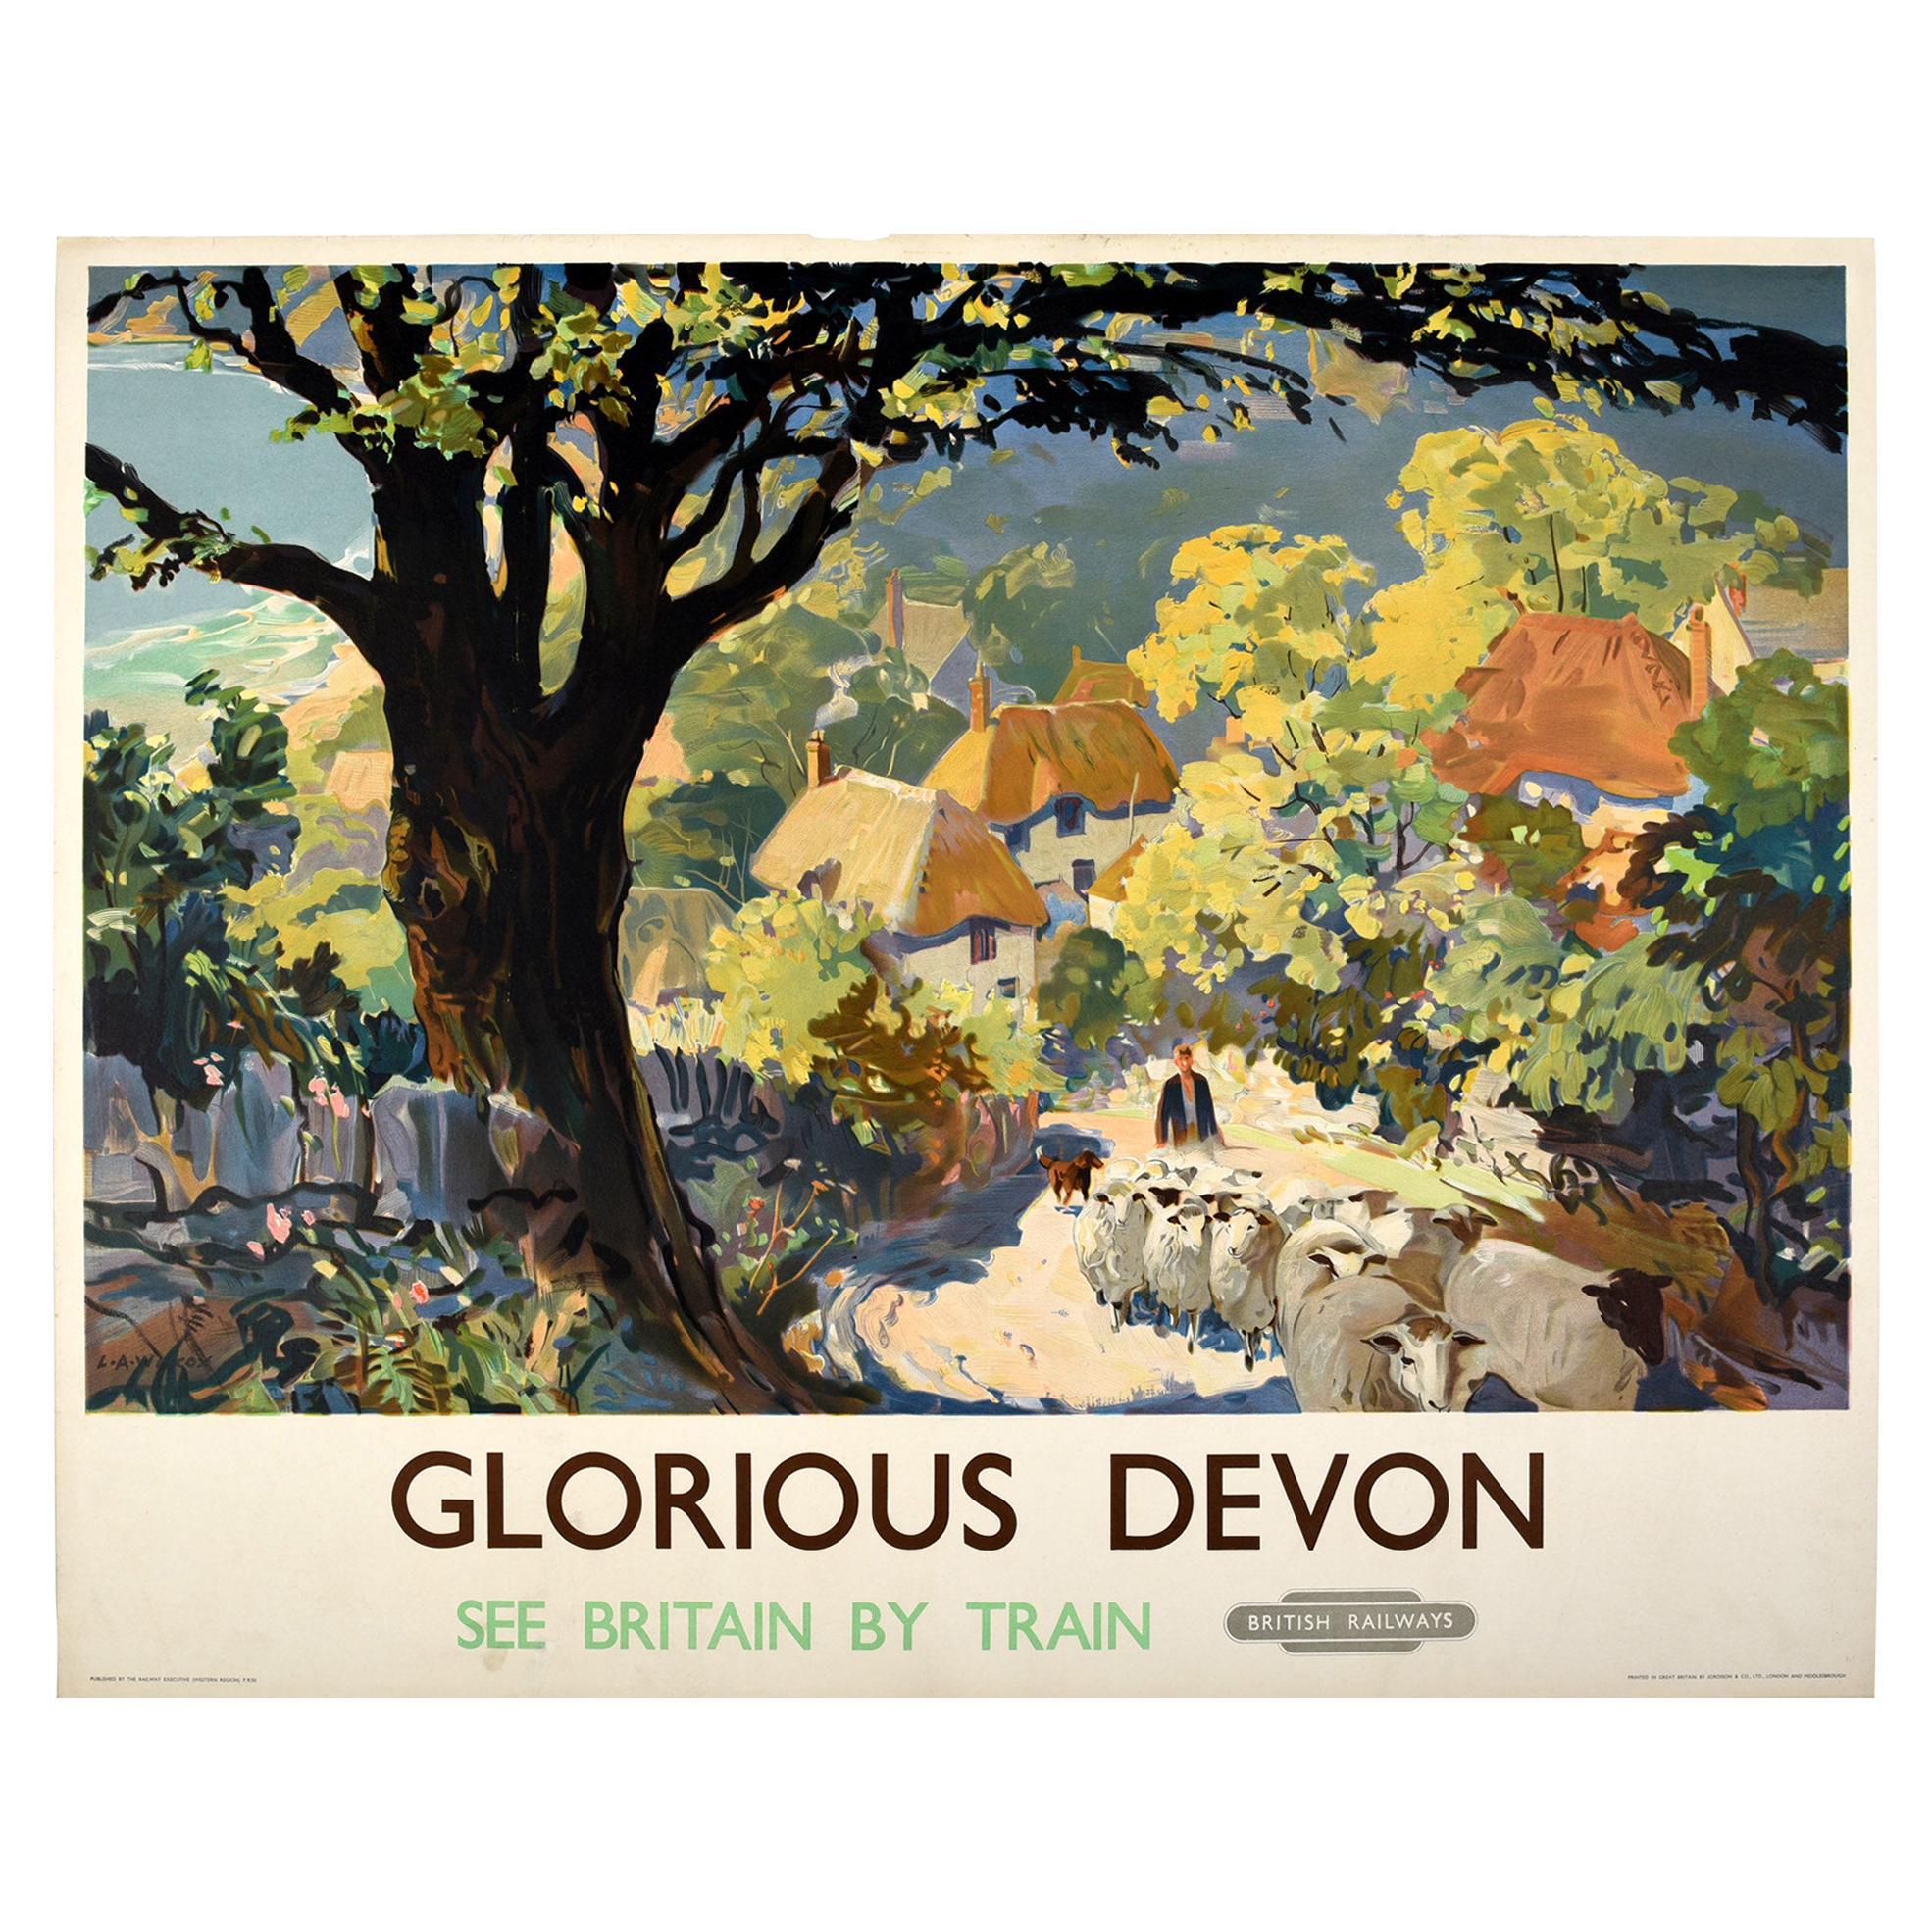 Original Vintage Poster for Glorious Devon British Railways See Britain By Train